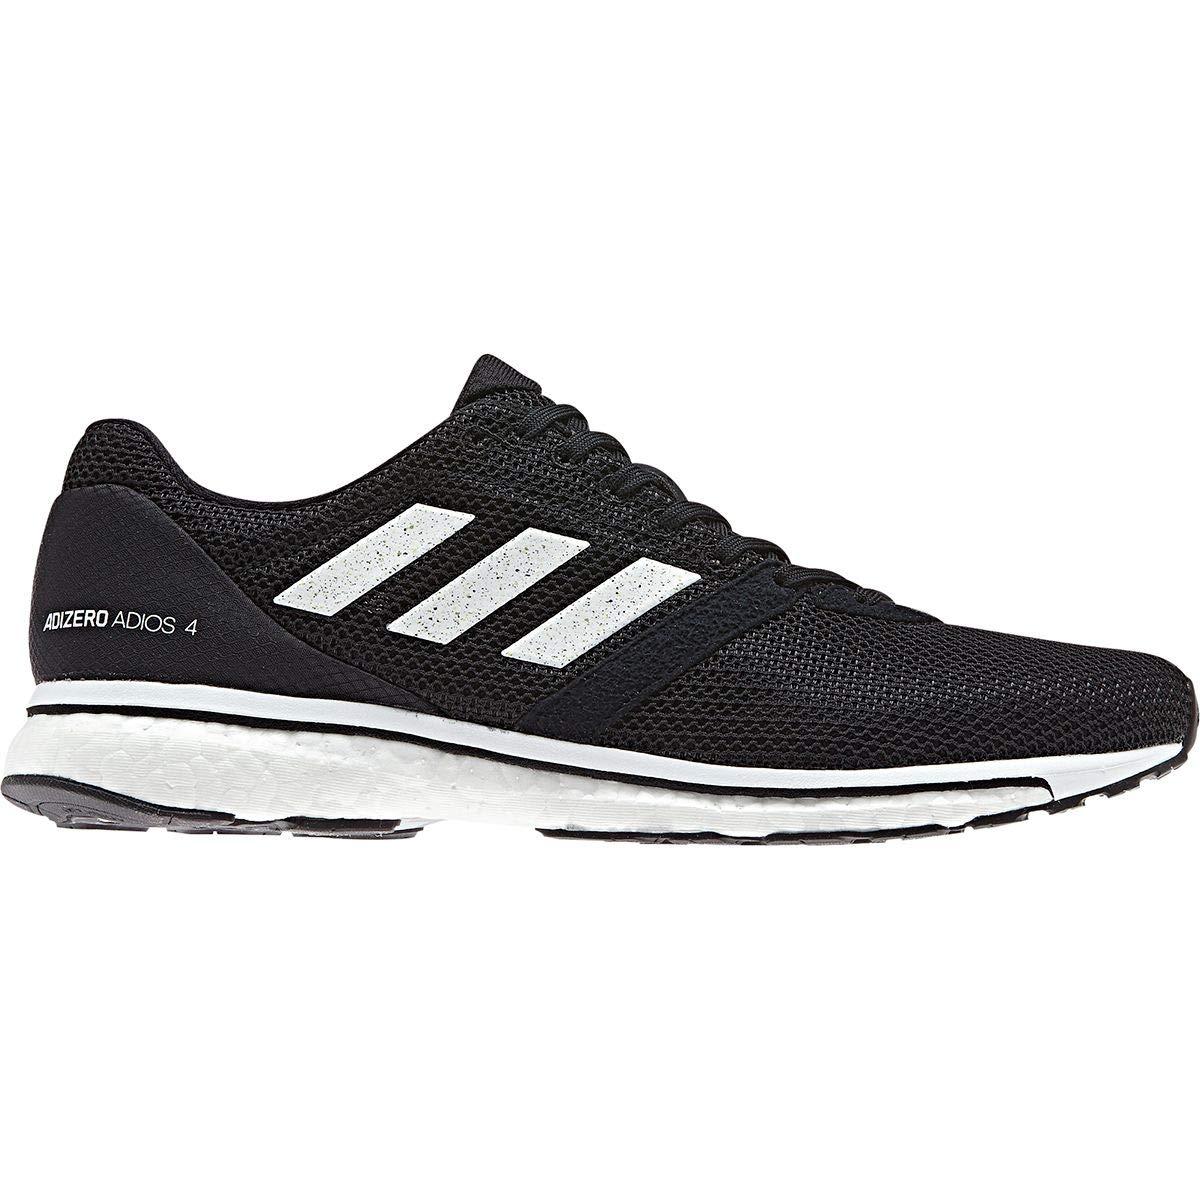 一流の品質 [アディダス] メンズ ランニング Adizero [アディダス] Adios ランニング 4 Boost 4 Running Shoe [並行輸入品] B07NZLPMR7 11, 若松区:7dbb6645 --- oil.xienttechnologies.net